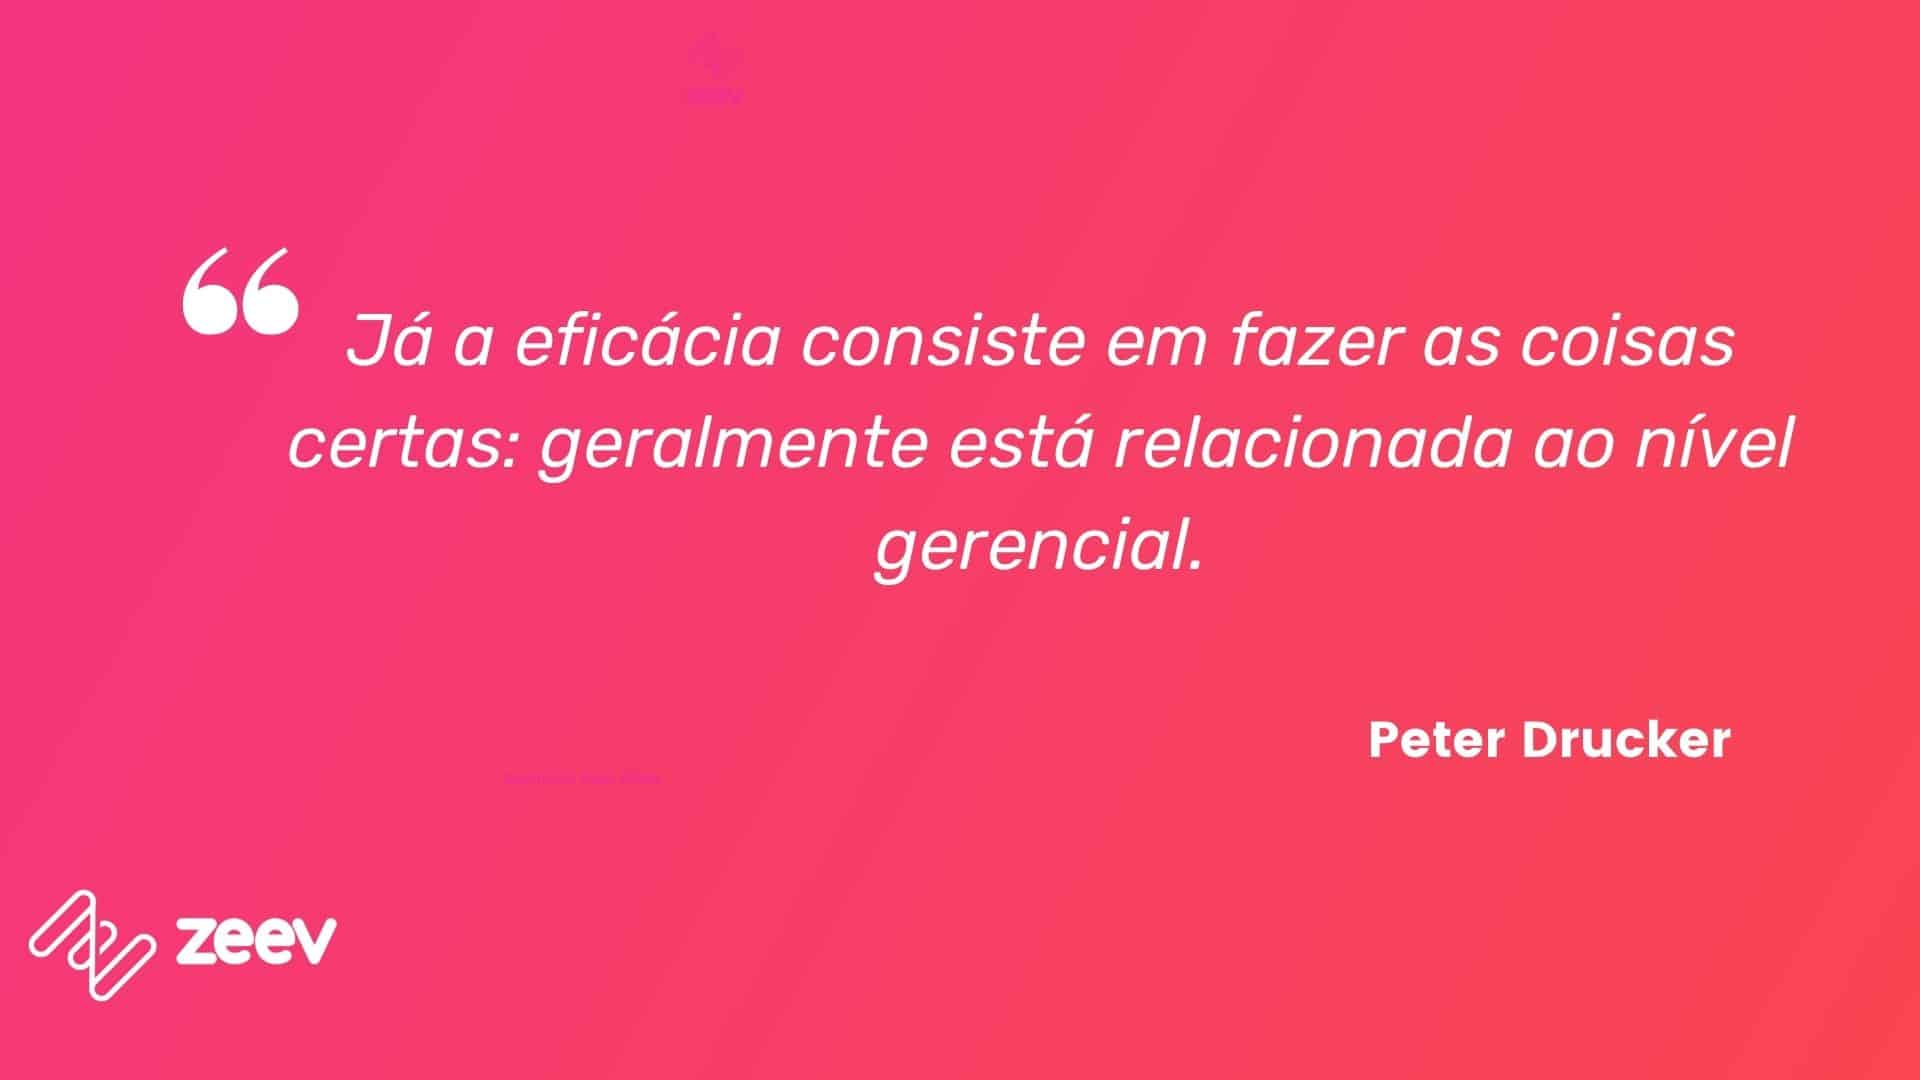 Peter Drucker, eficácia